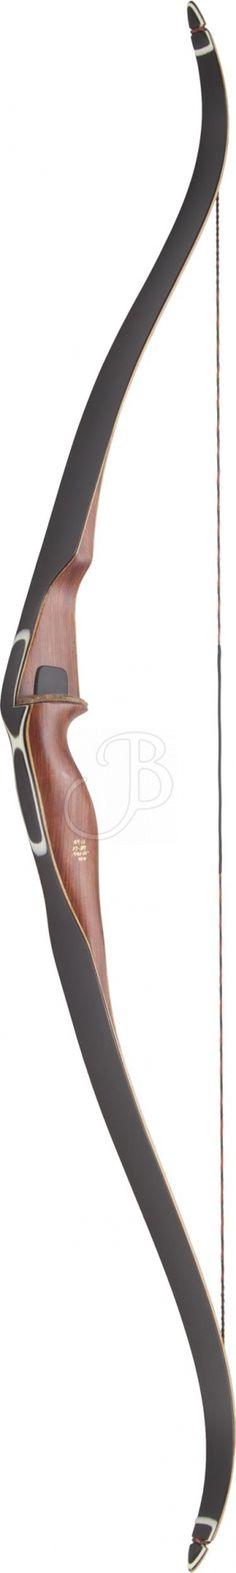 """bear o.p. kodiak magnum 52"""" - Big Archery nice looking recurve"""